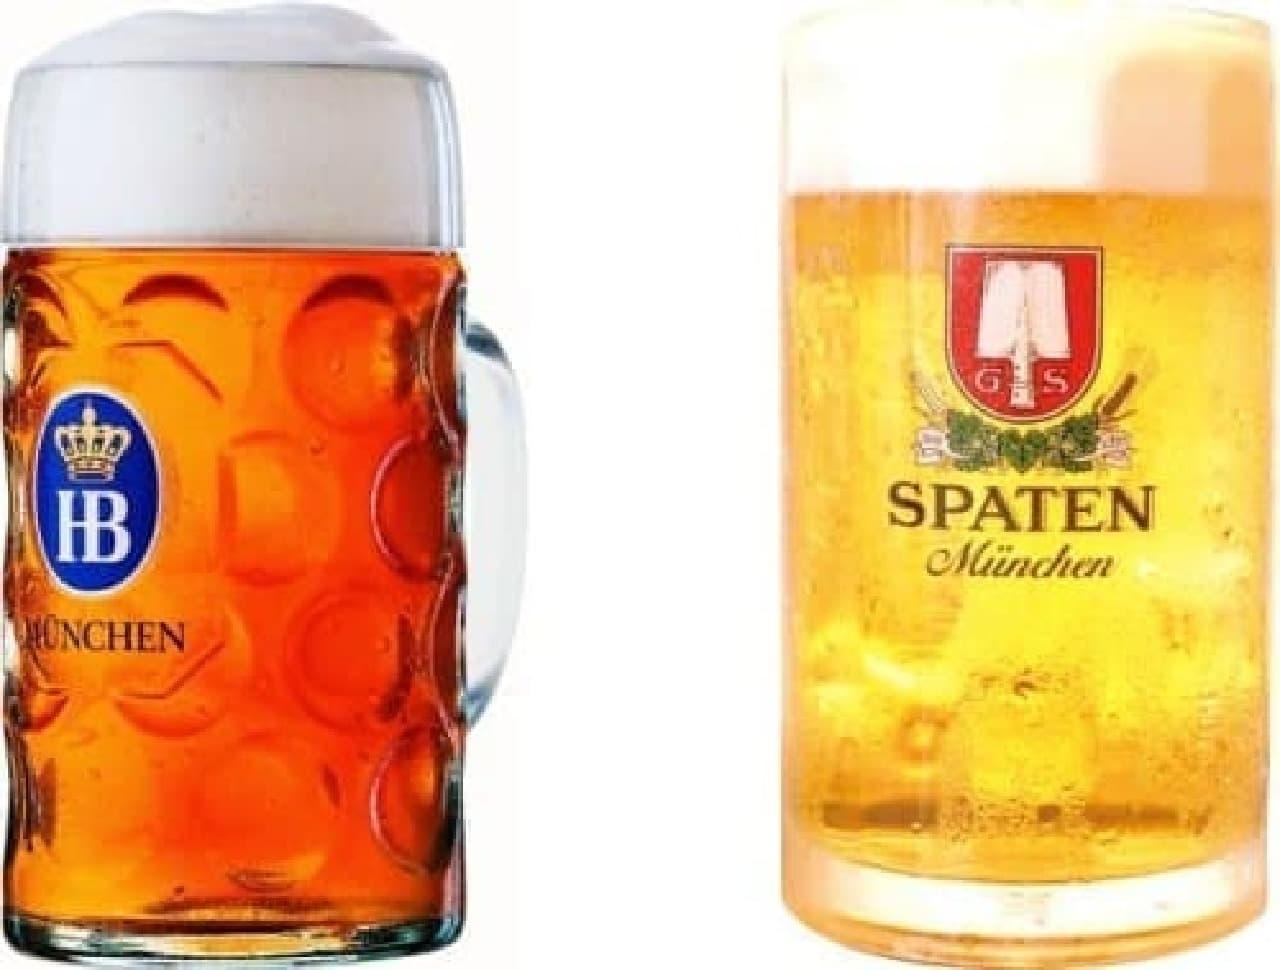 ついに池袋でも「本場のドイツビール」が味わえるぞ!  (写真は左がホフブロイ、右がシュパーテン)